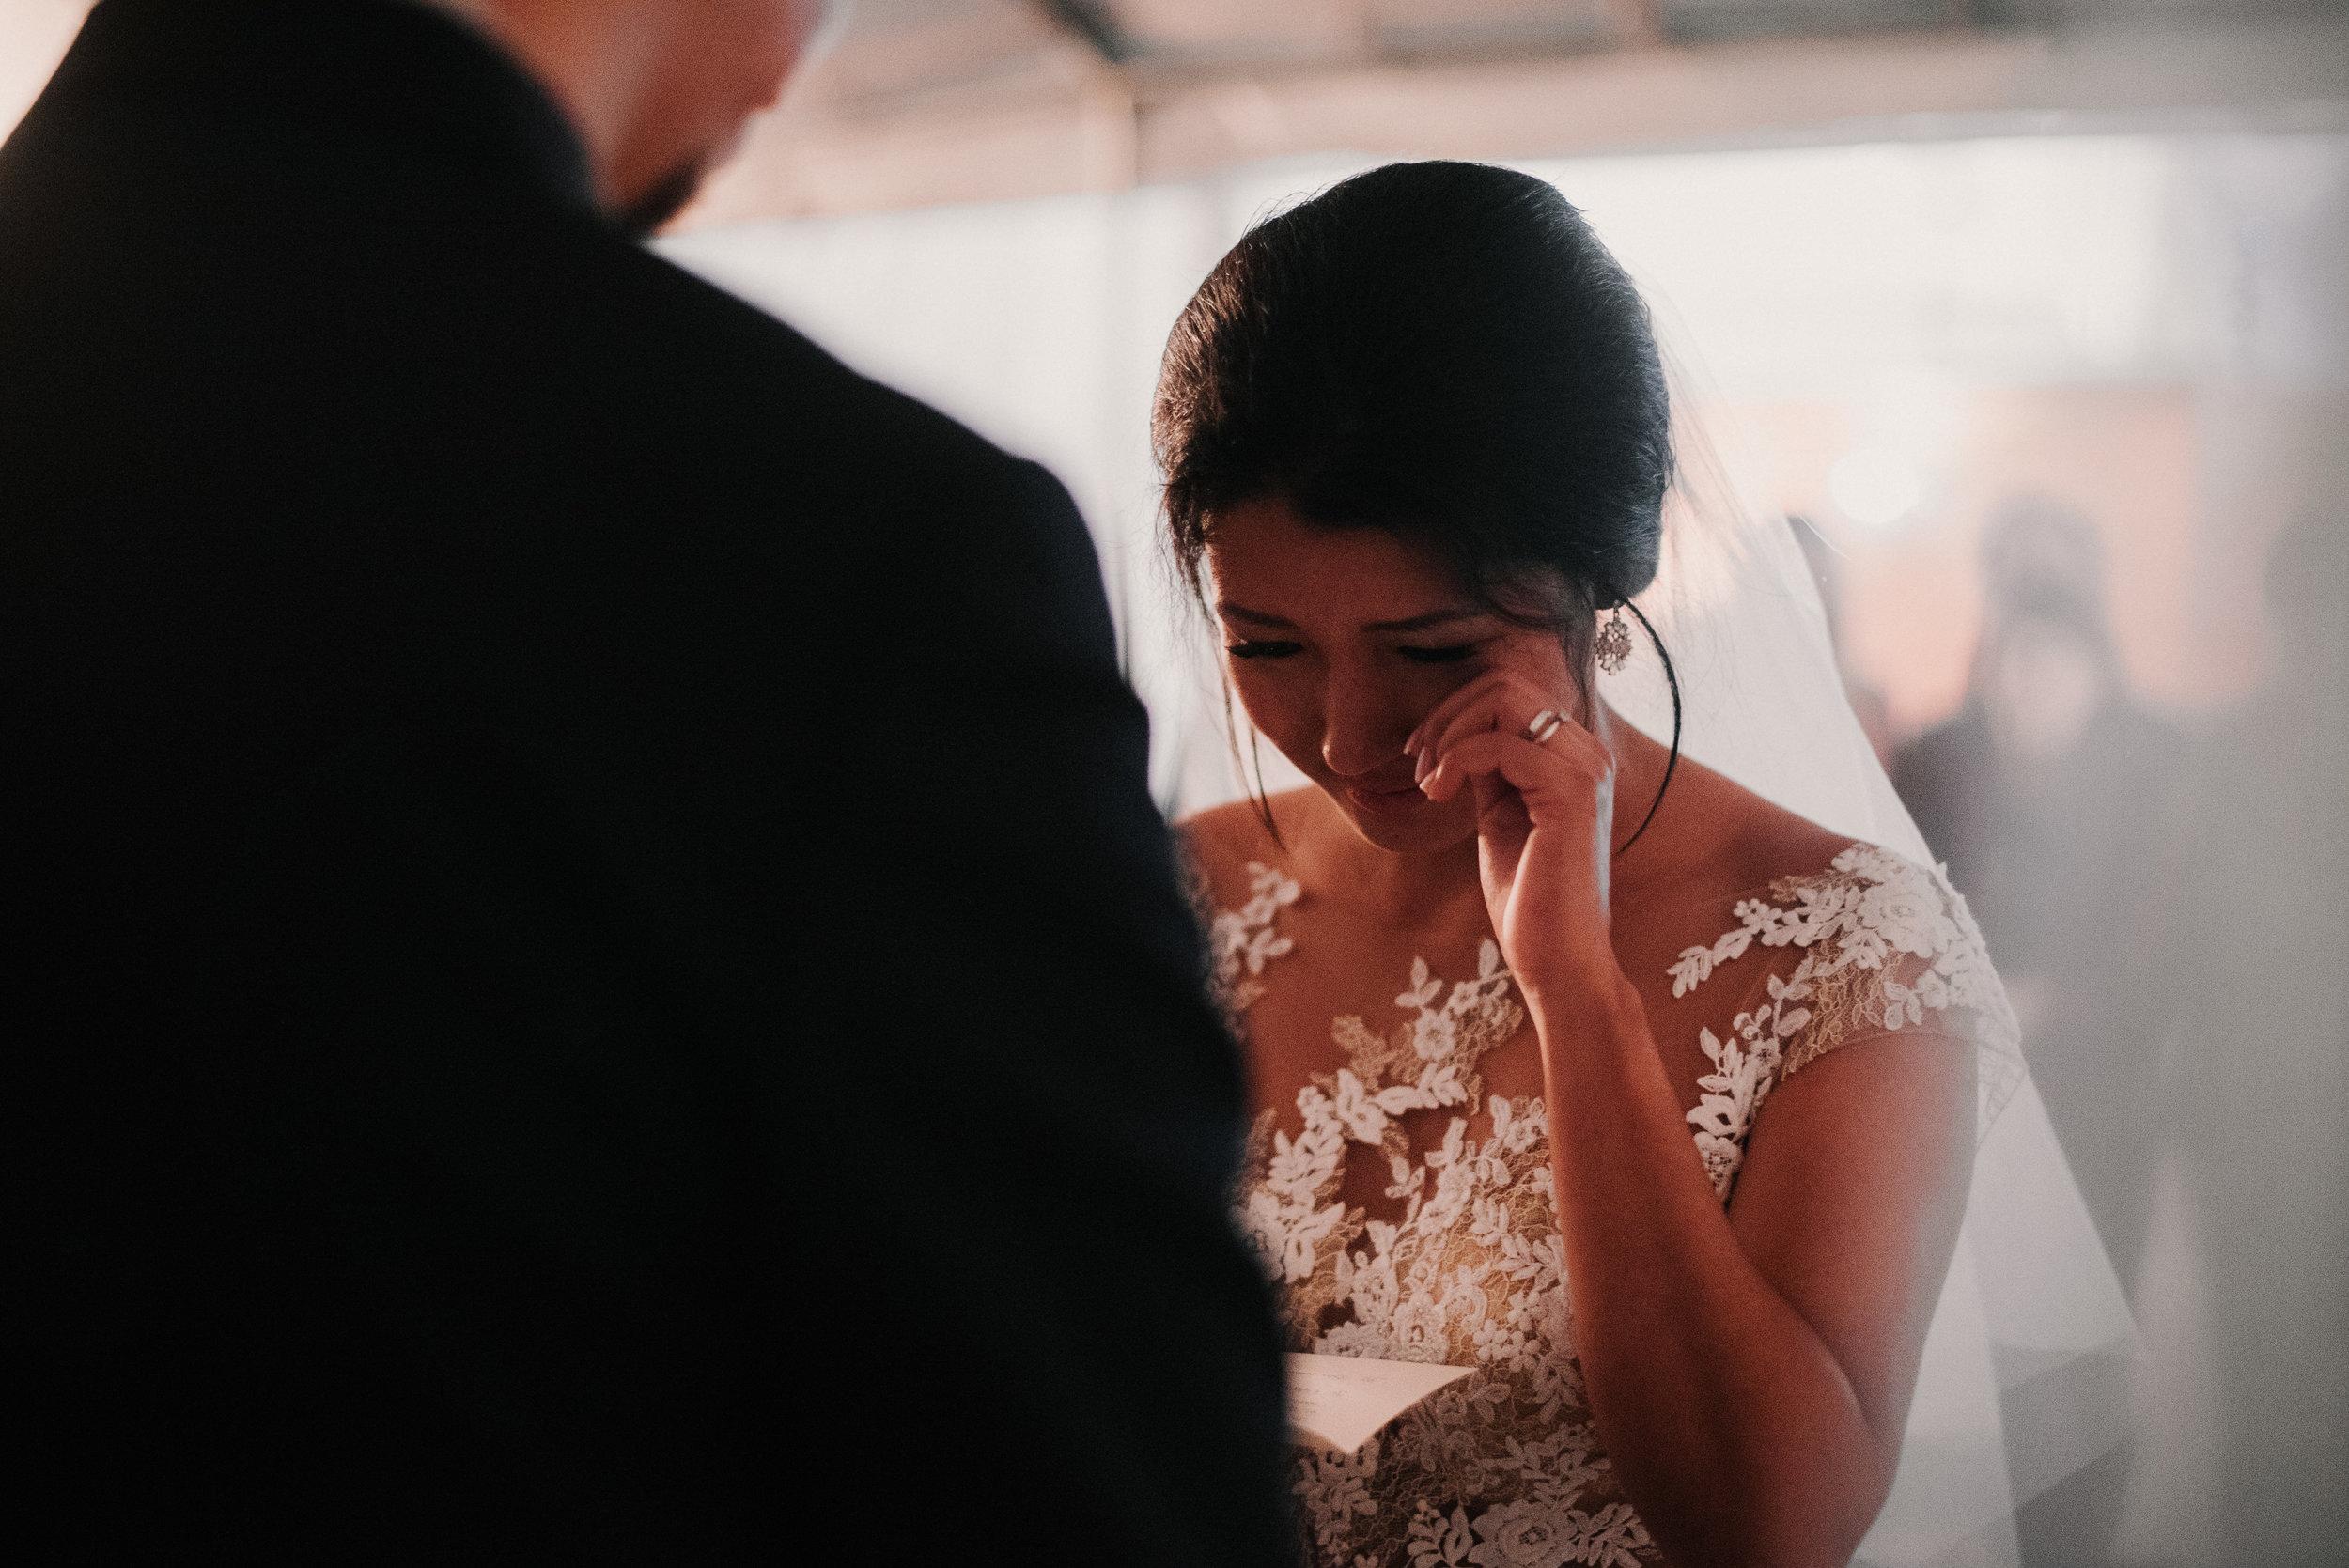 Léa-Fery-photographe-professionnel-lyon-rhone-alpes-portrait-creation-mariage-evenement-evenementiel-famille-7667.jpg